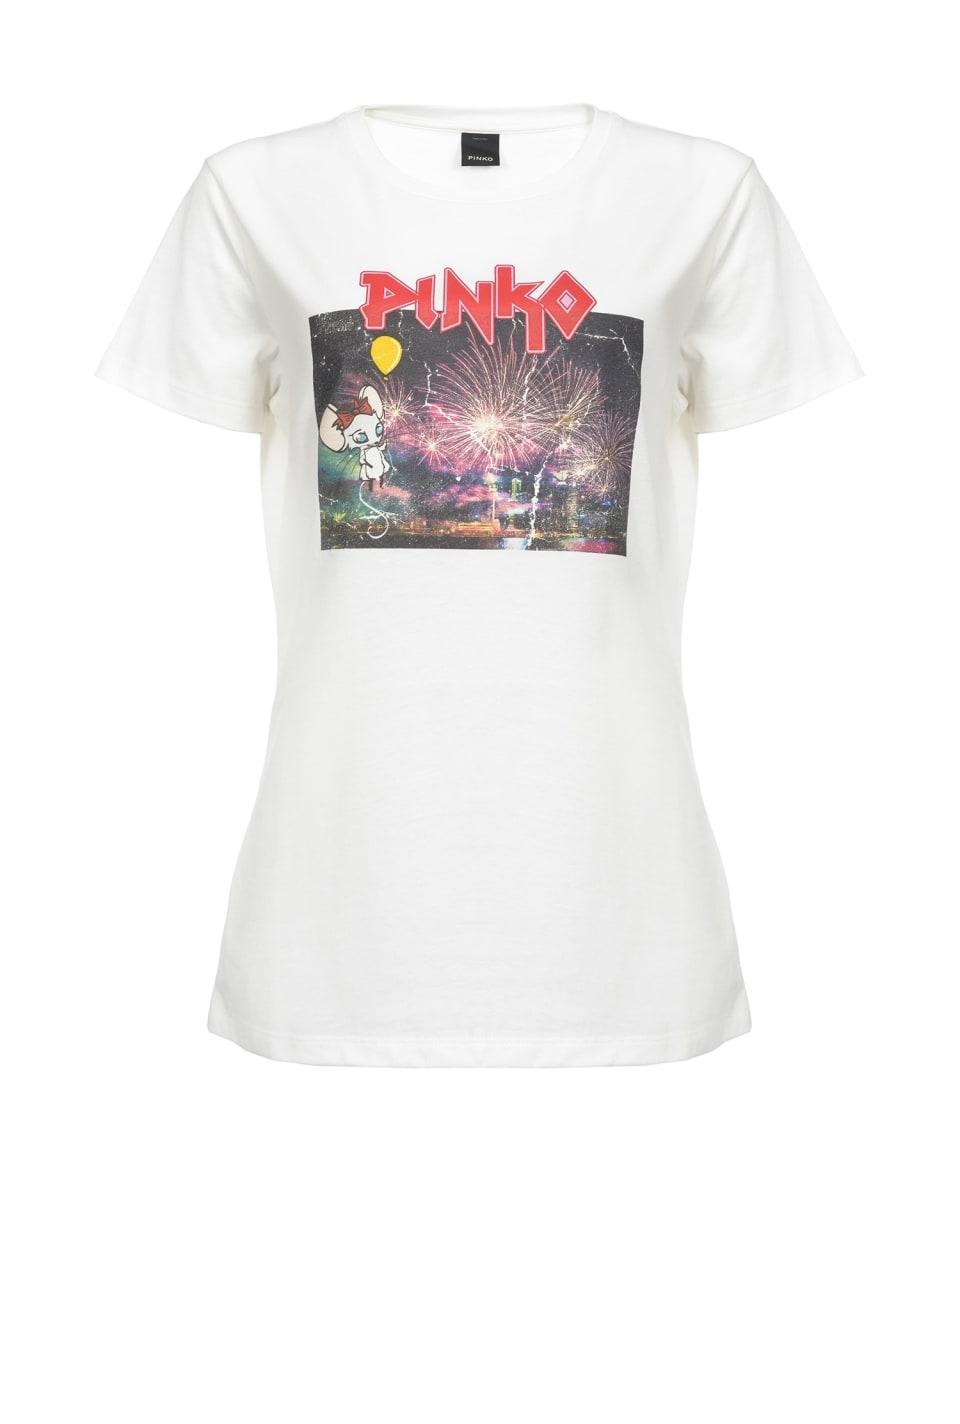 ロッキーマウス・ファイヤーワーク Tシャツ